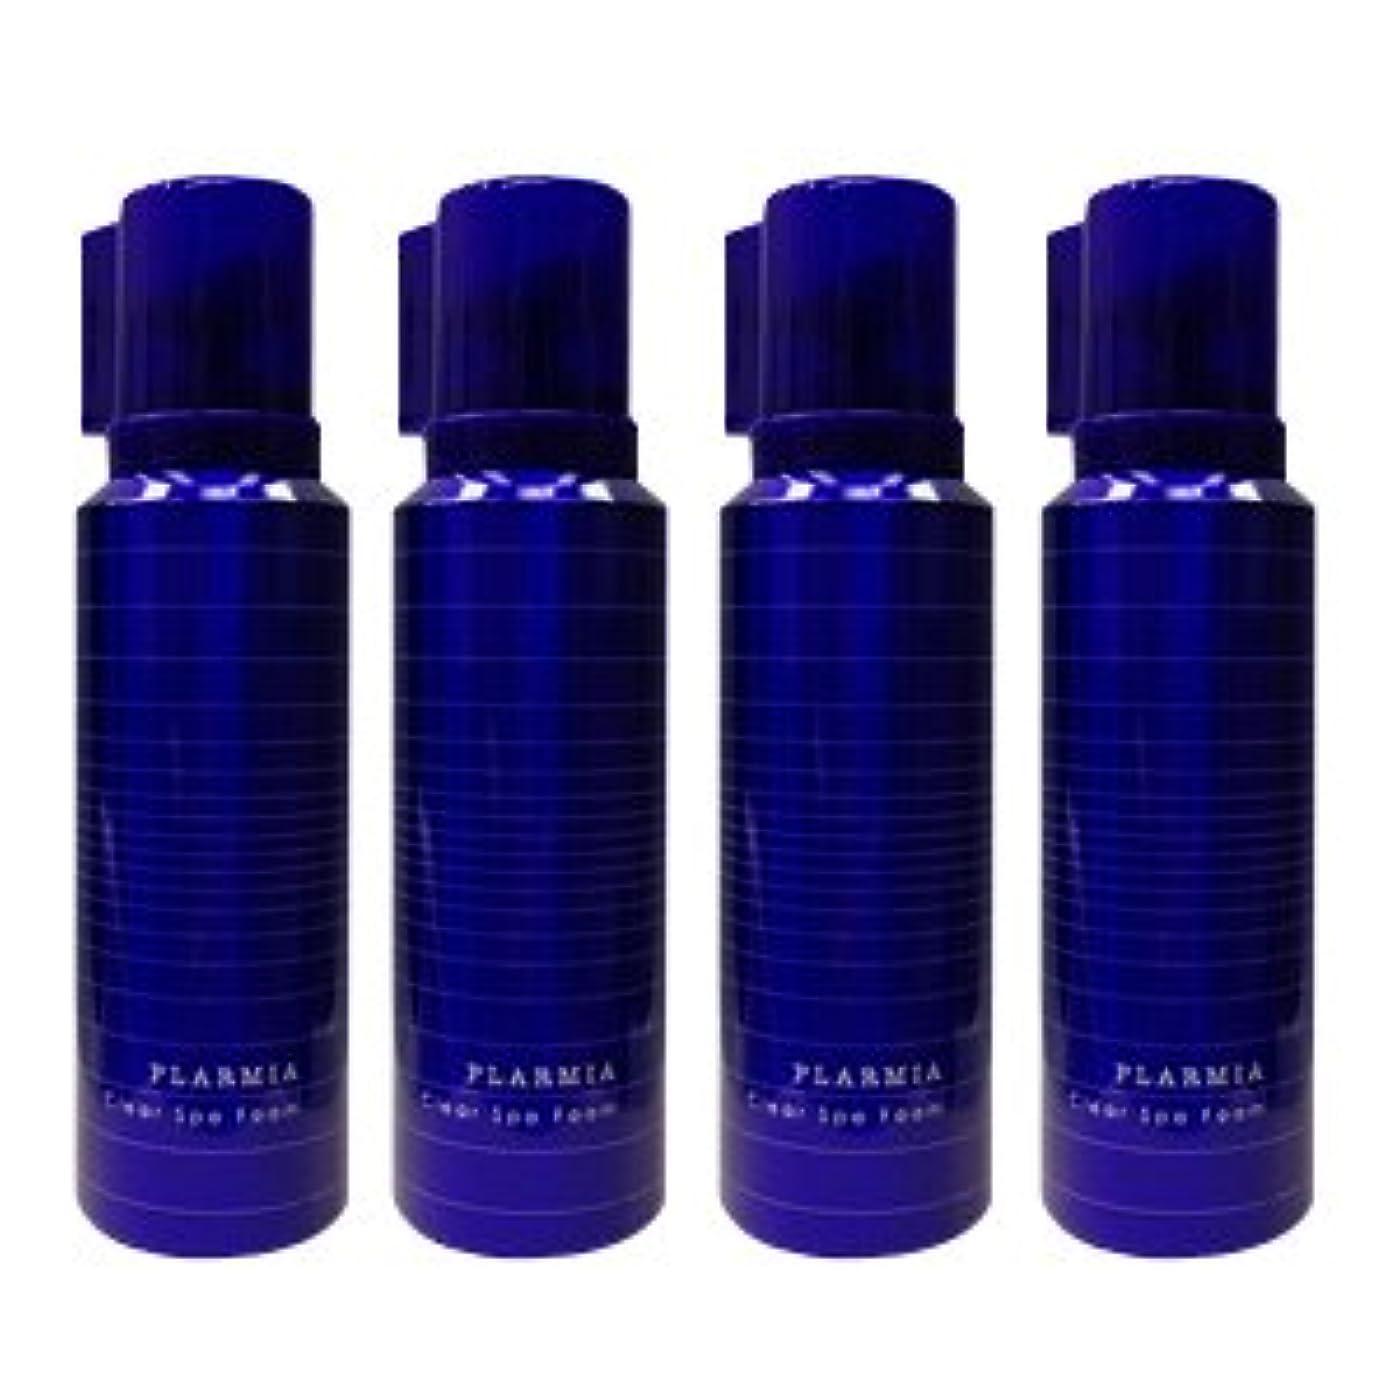 上げるエラーアルコール【X4個セット】 ミルボン プラーミア クリアスパフォーム 170g 【炭酸スパクレンジング】 Milbon PLARMIA